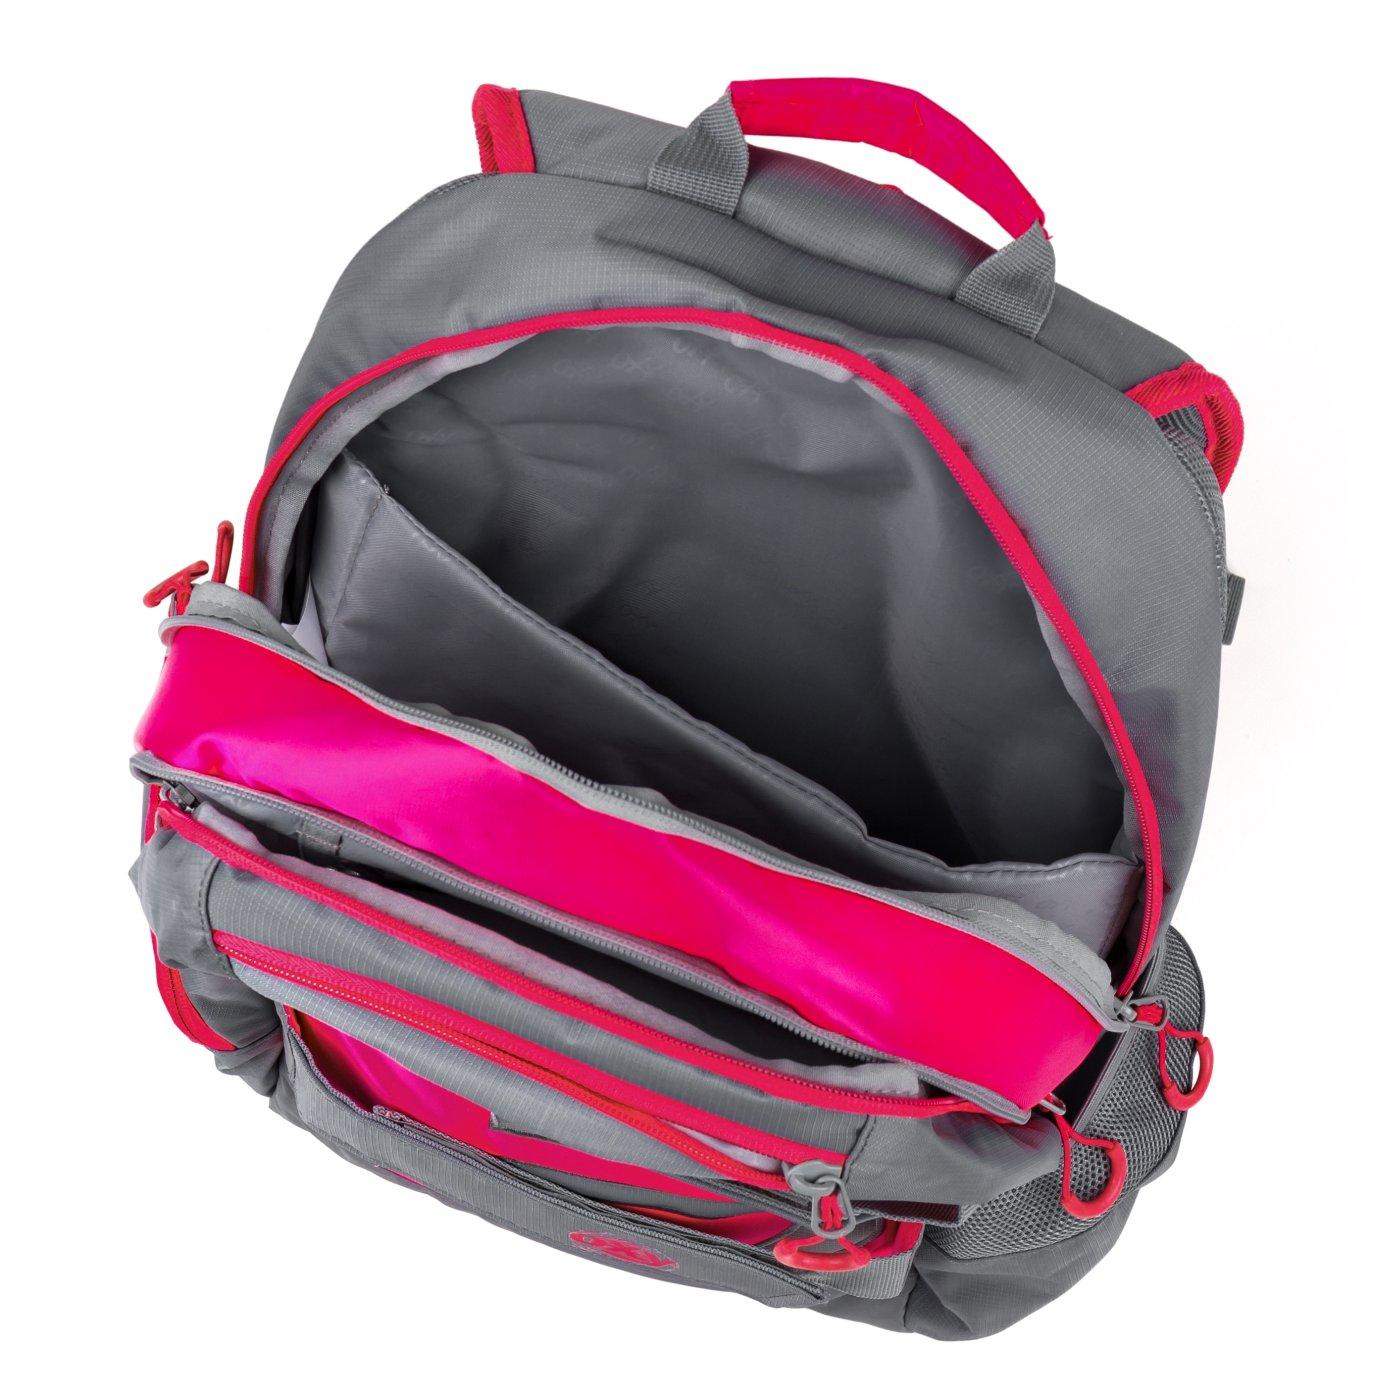 ... Školní potřeby · OXY STUDENTSKÉ BATOHY A DOPLŇKY · OXY SPORT ·  Studentský batoh OXY Sport NEON LINE Pink Bez licence · Image. OXY 154ba38ecc